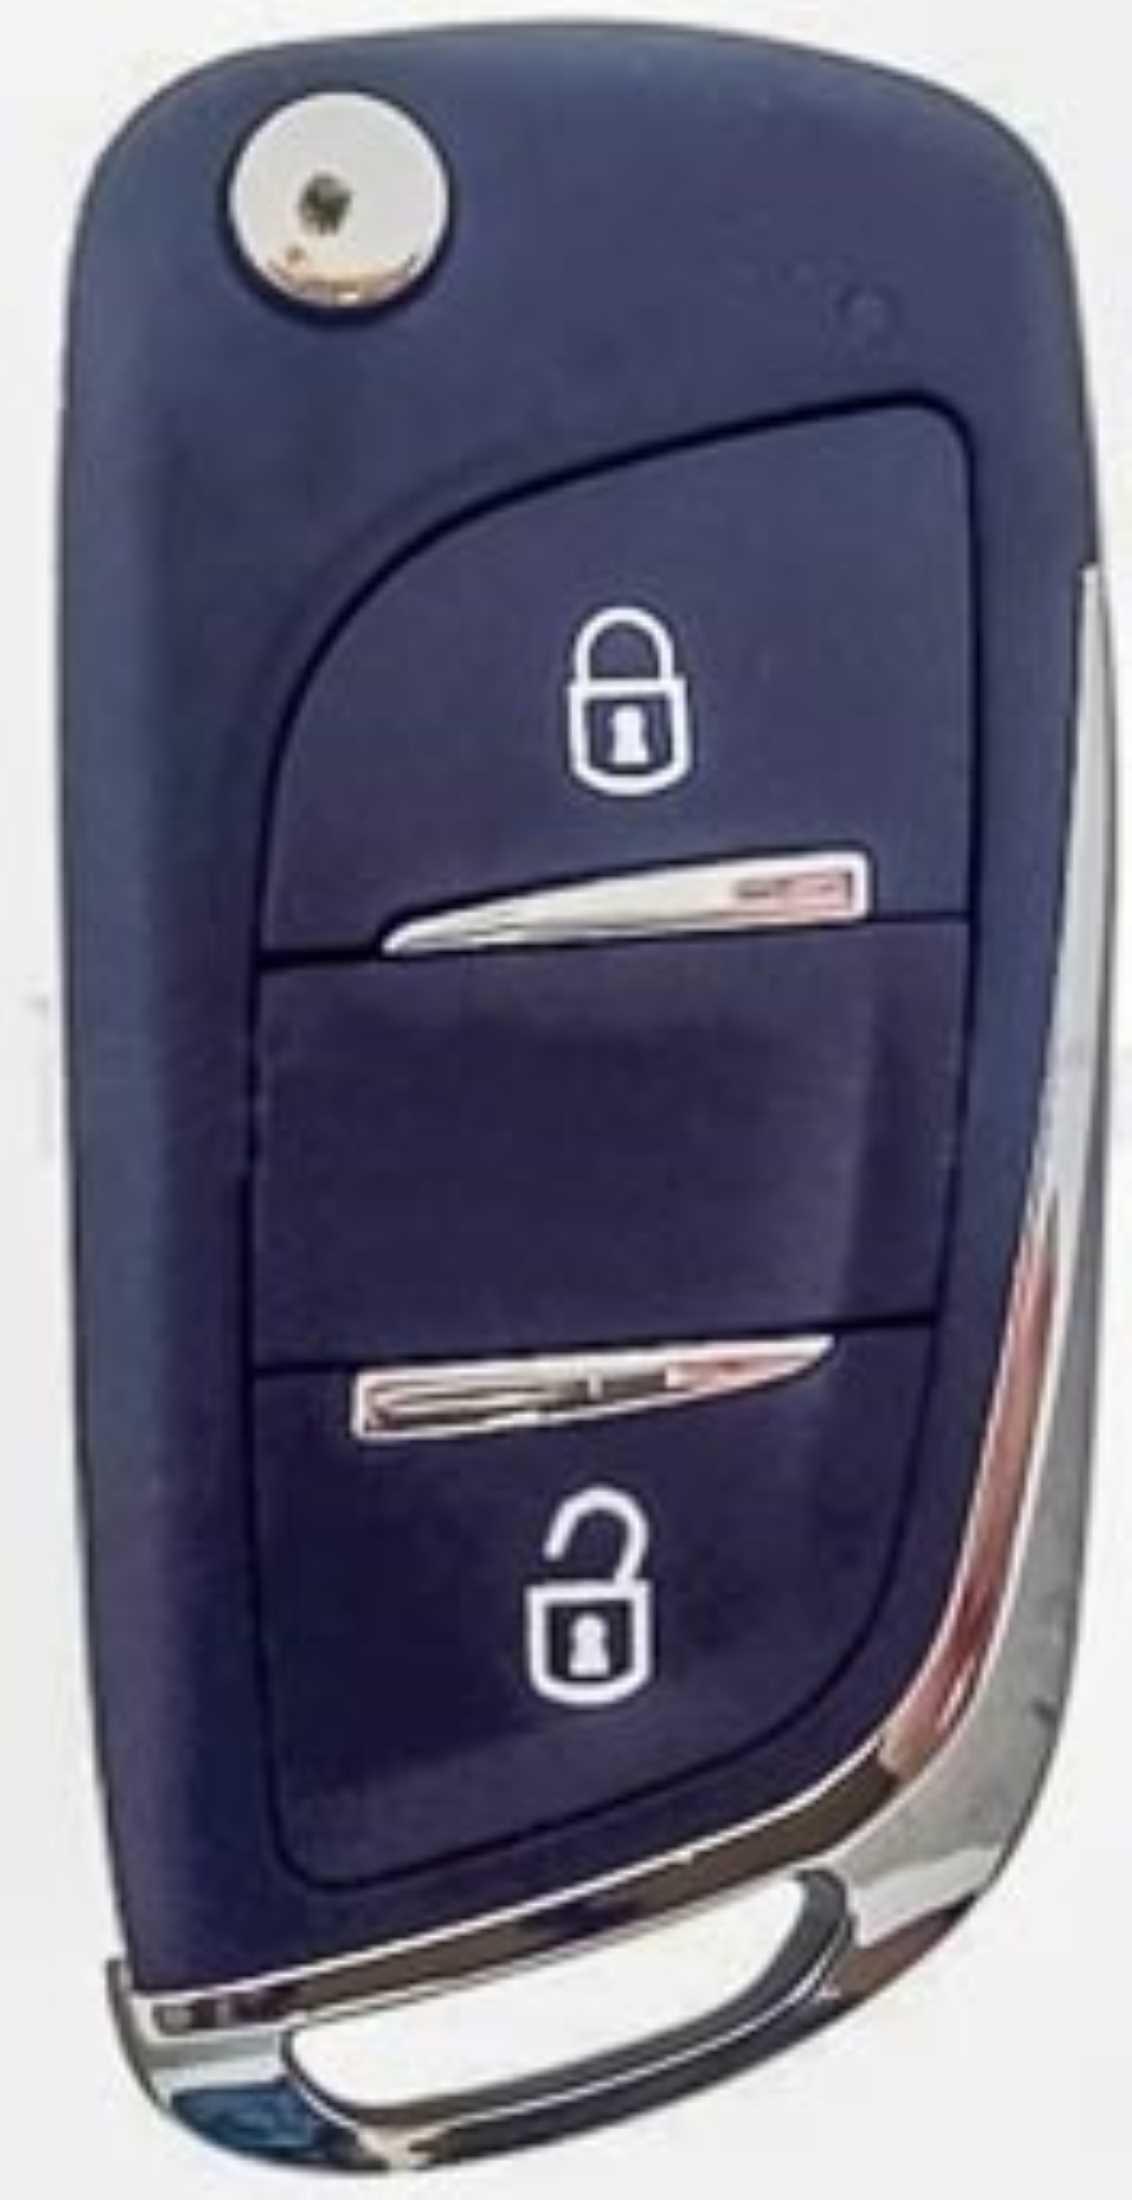 Citroen Autoschlüssel Nachmachen